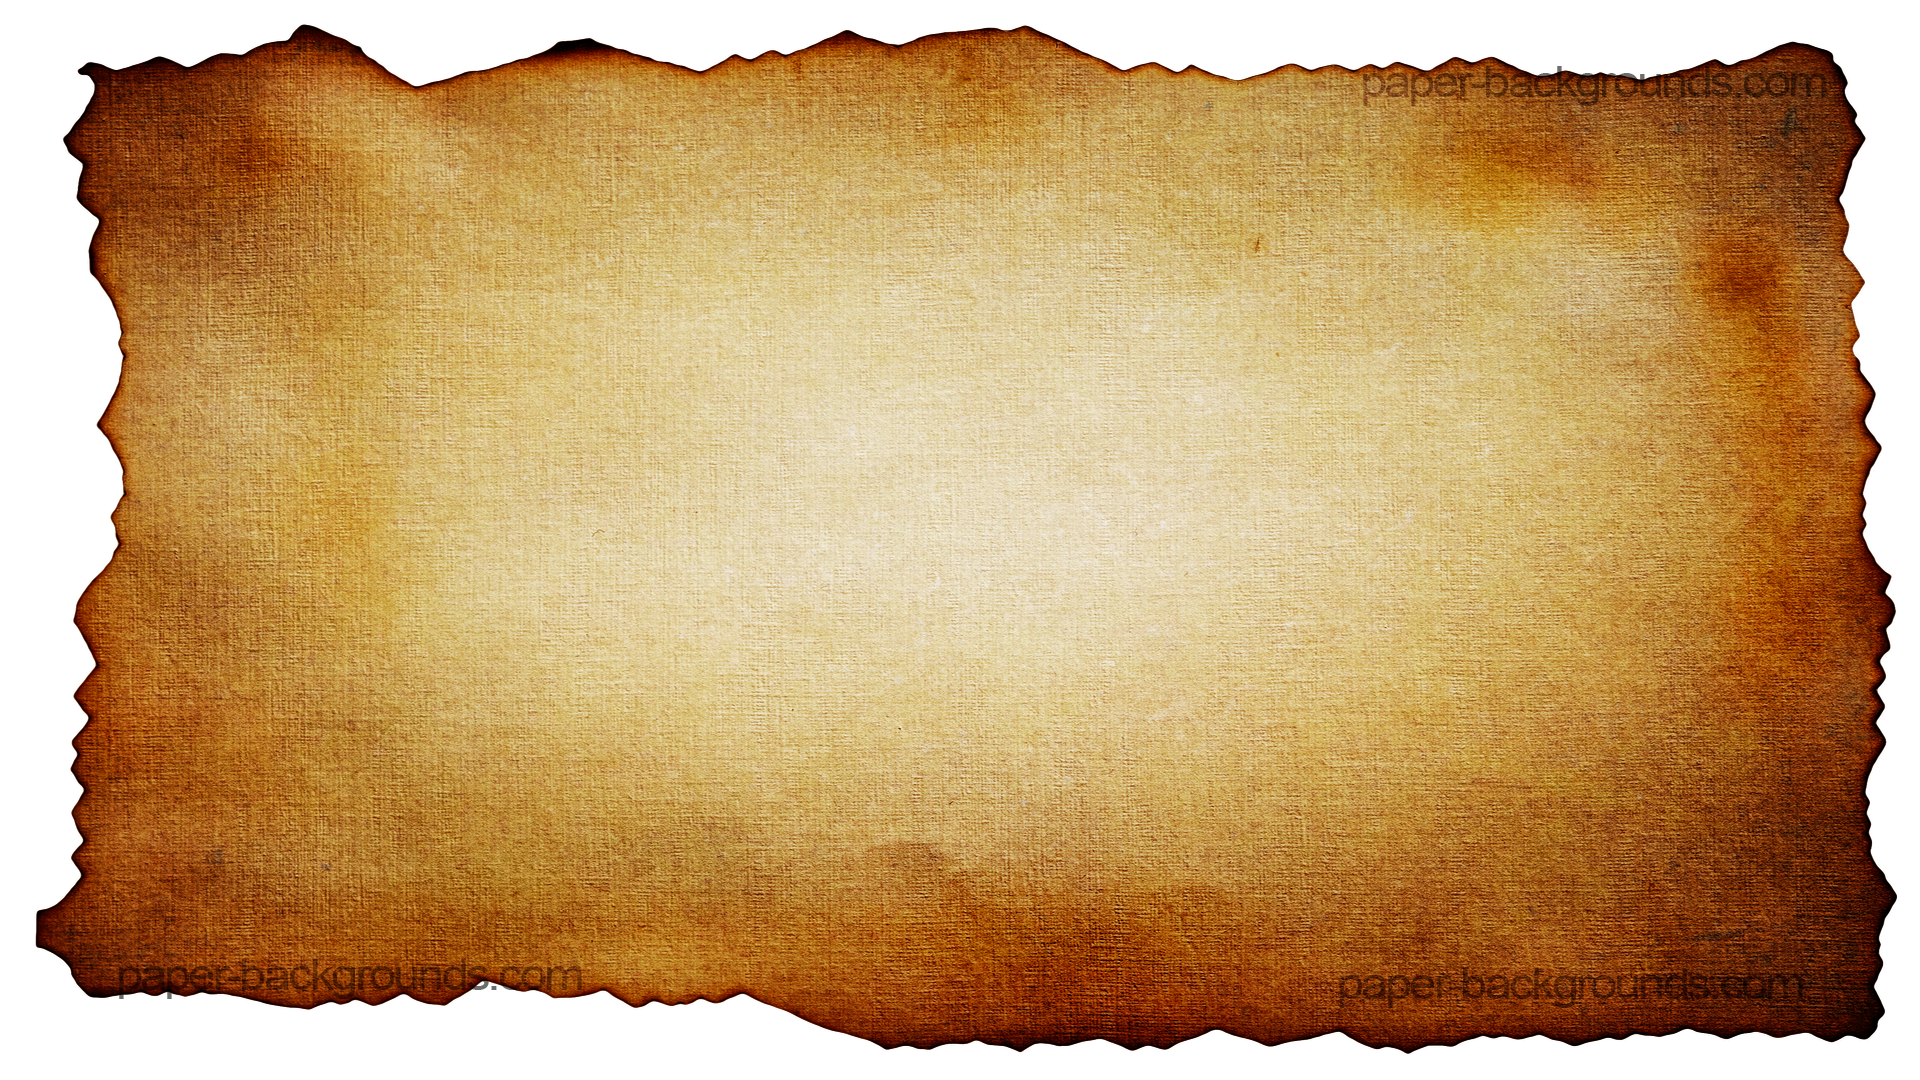 [49+] HD Wallpaper PNG on WallpaperSafari